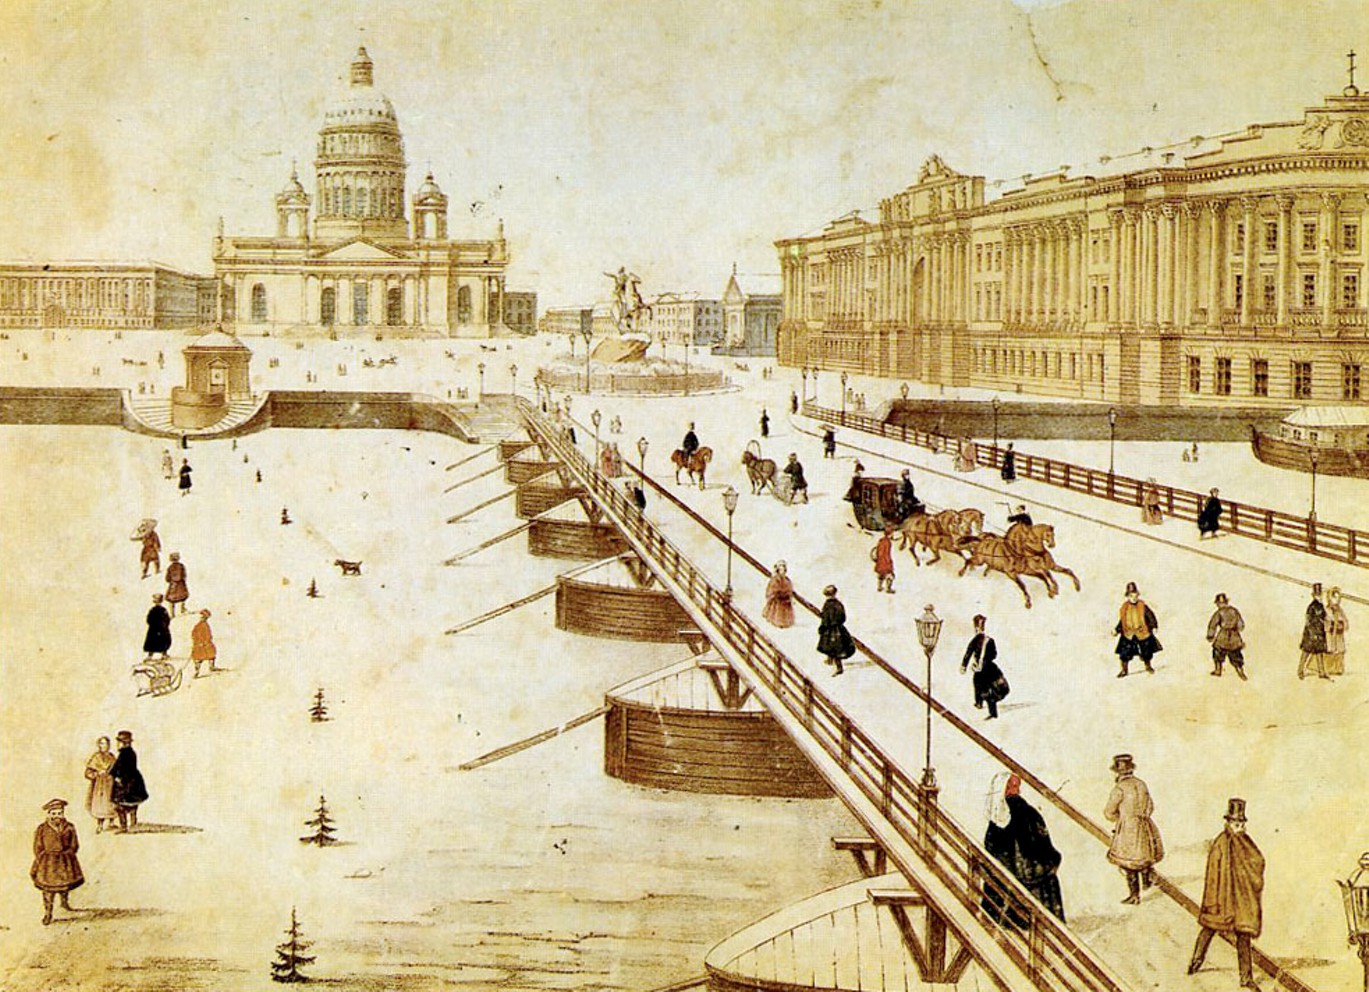 Исааковский плашкоутный мост история